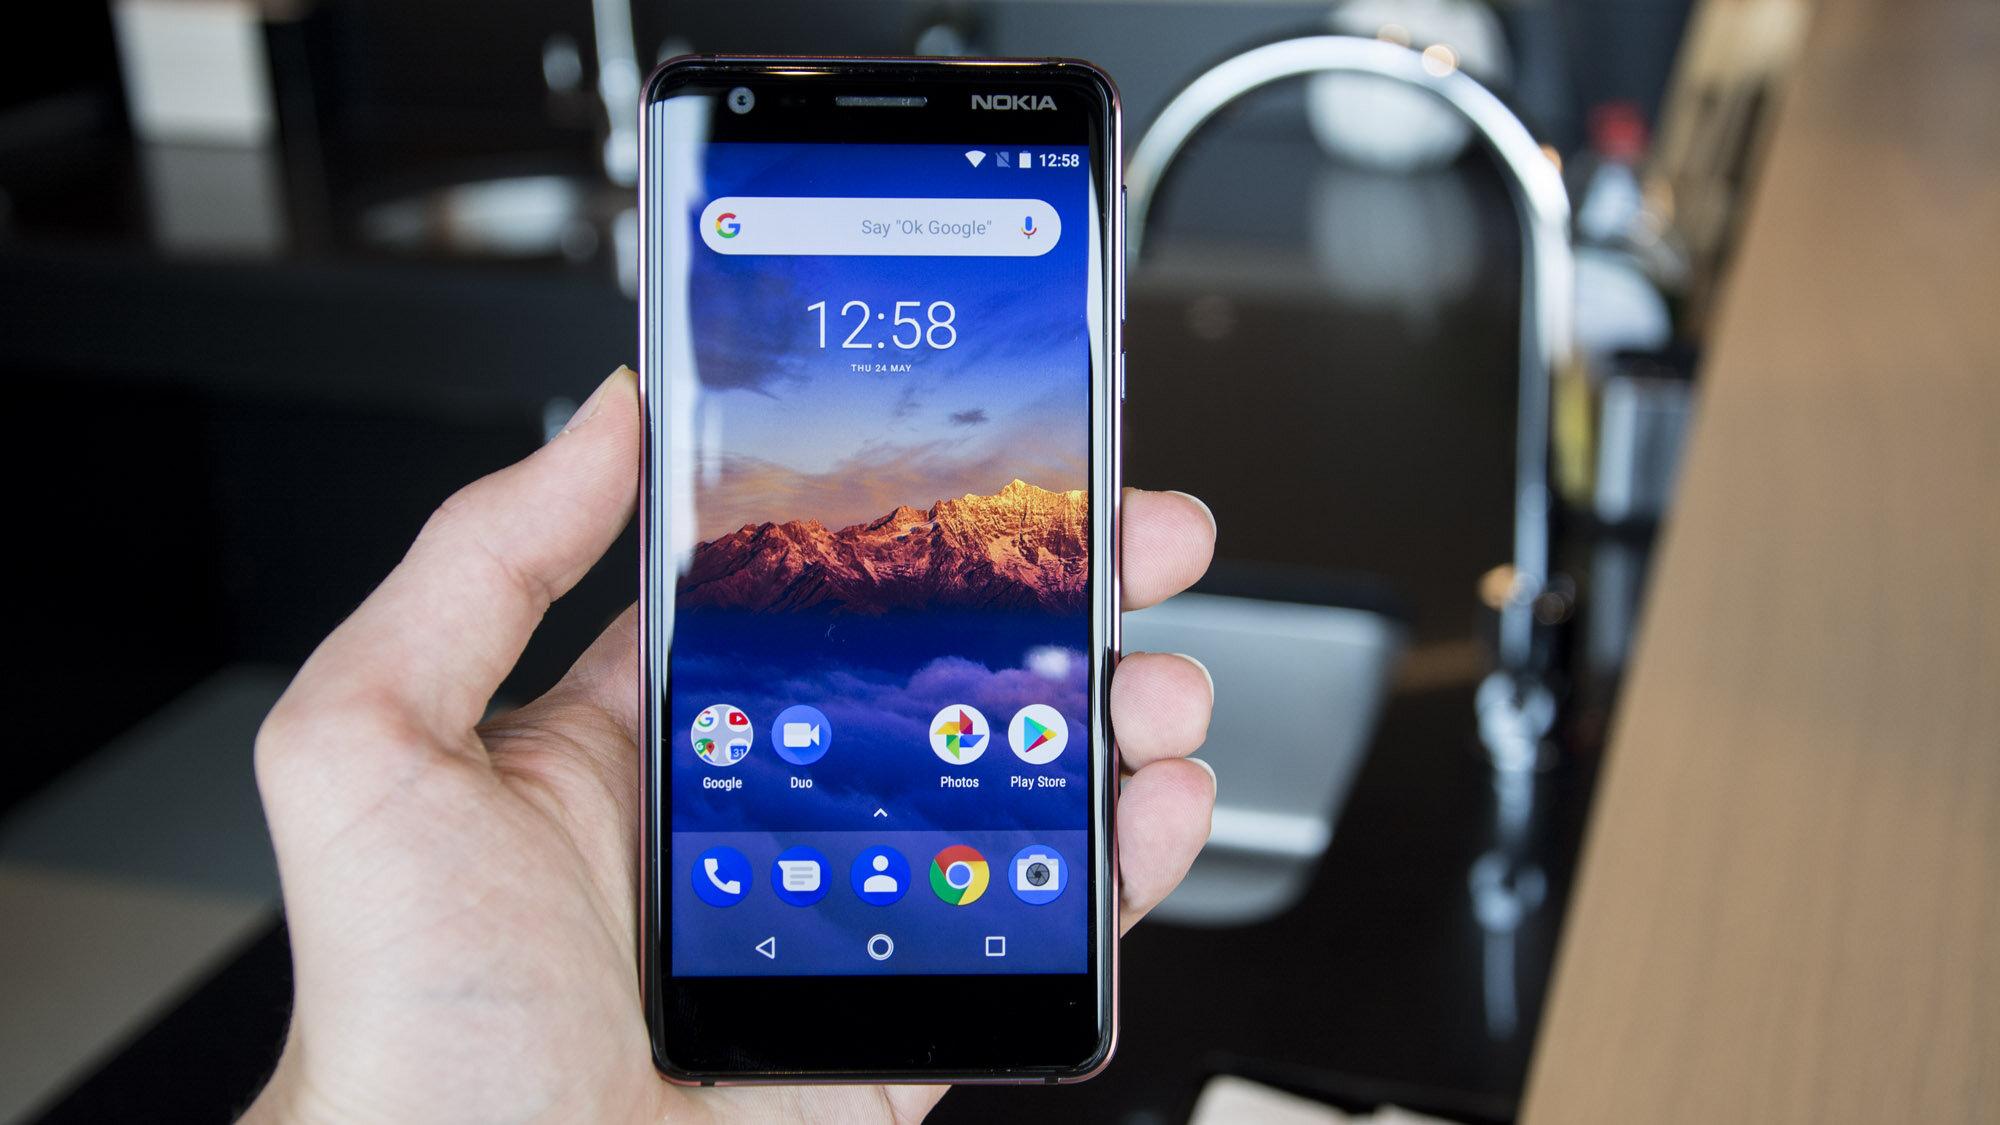 Có màn hình khá nhỏ, Nokia 3.1 2018 vẫn sở hữu những tính năng hiện đại cùng pin dung lượng lên đến gần 3000mAh